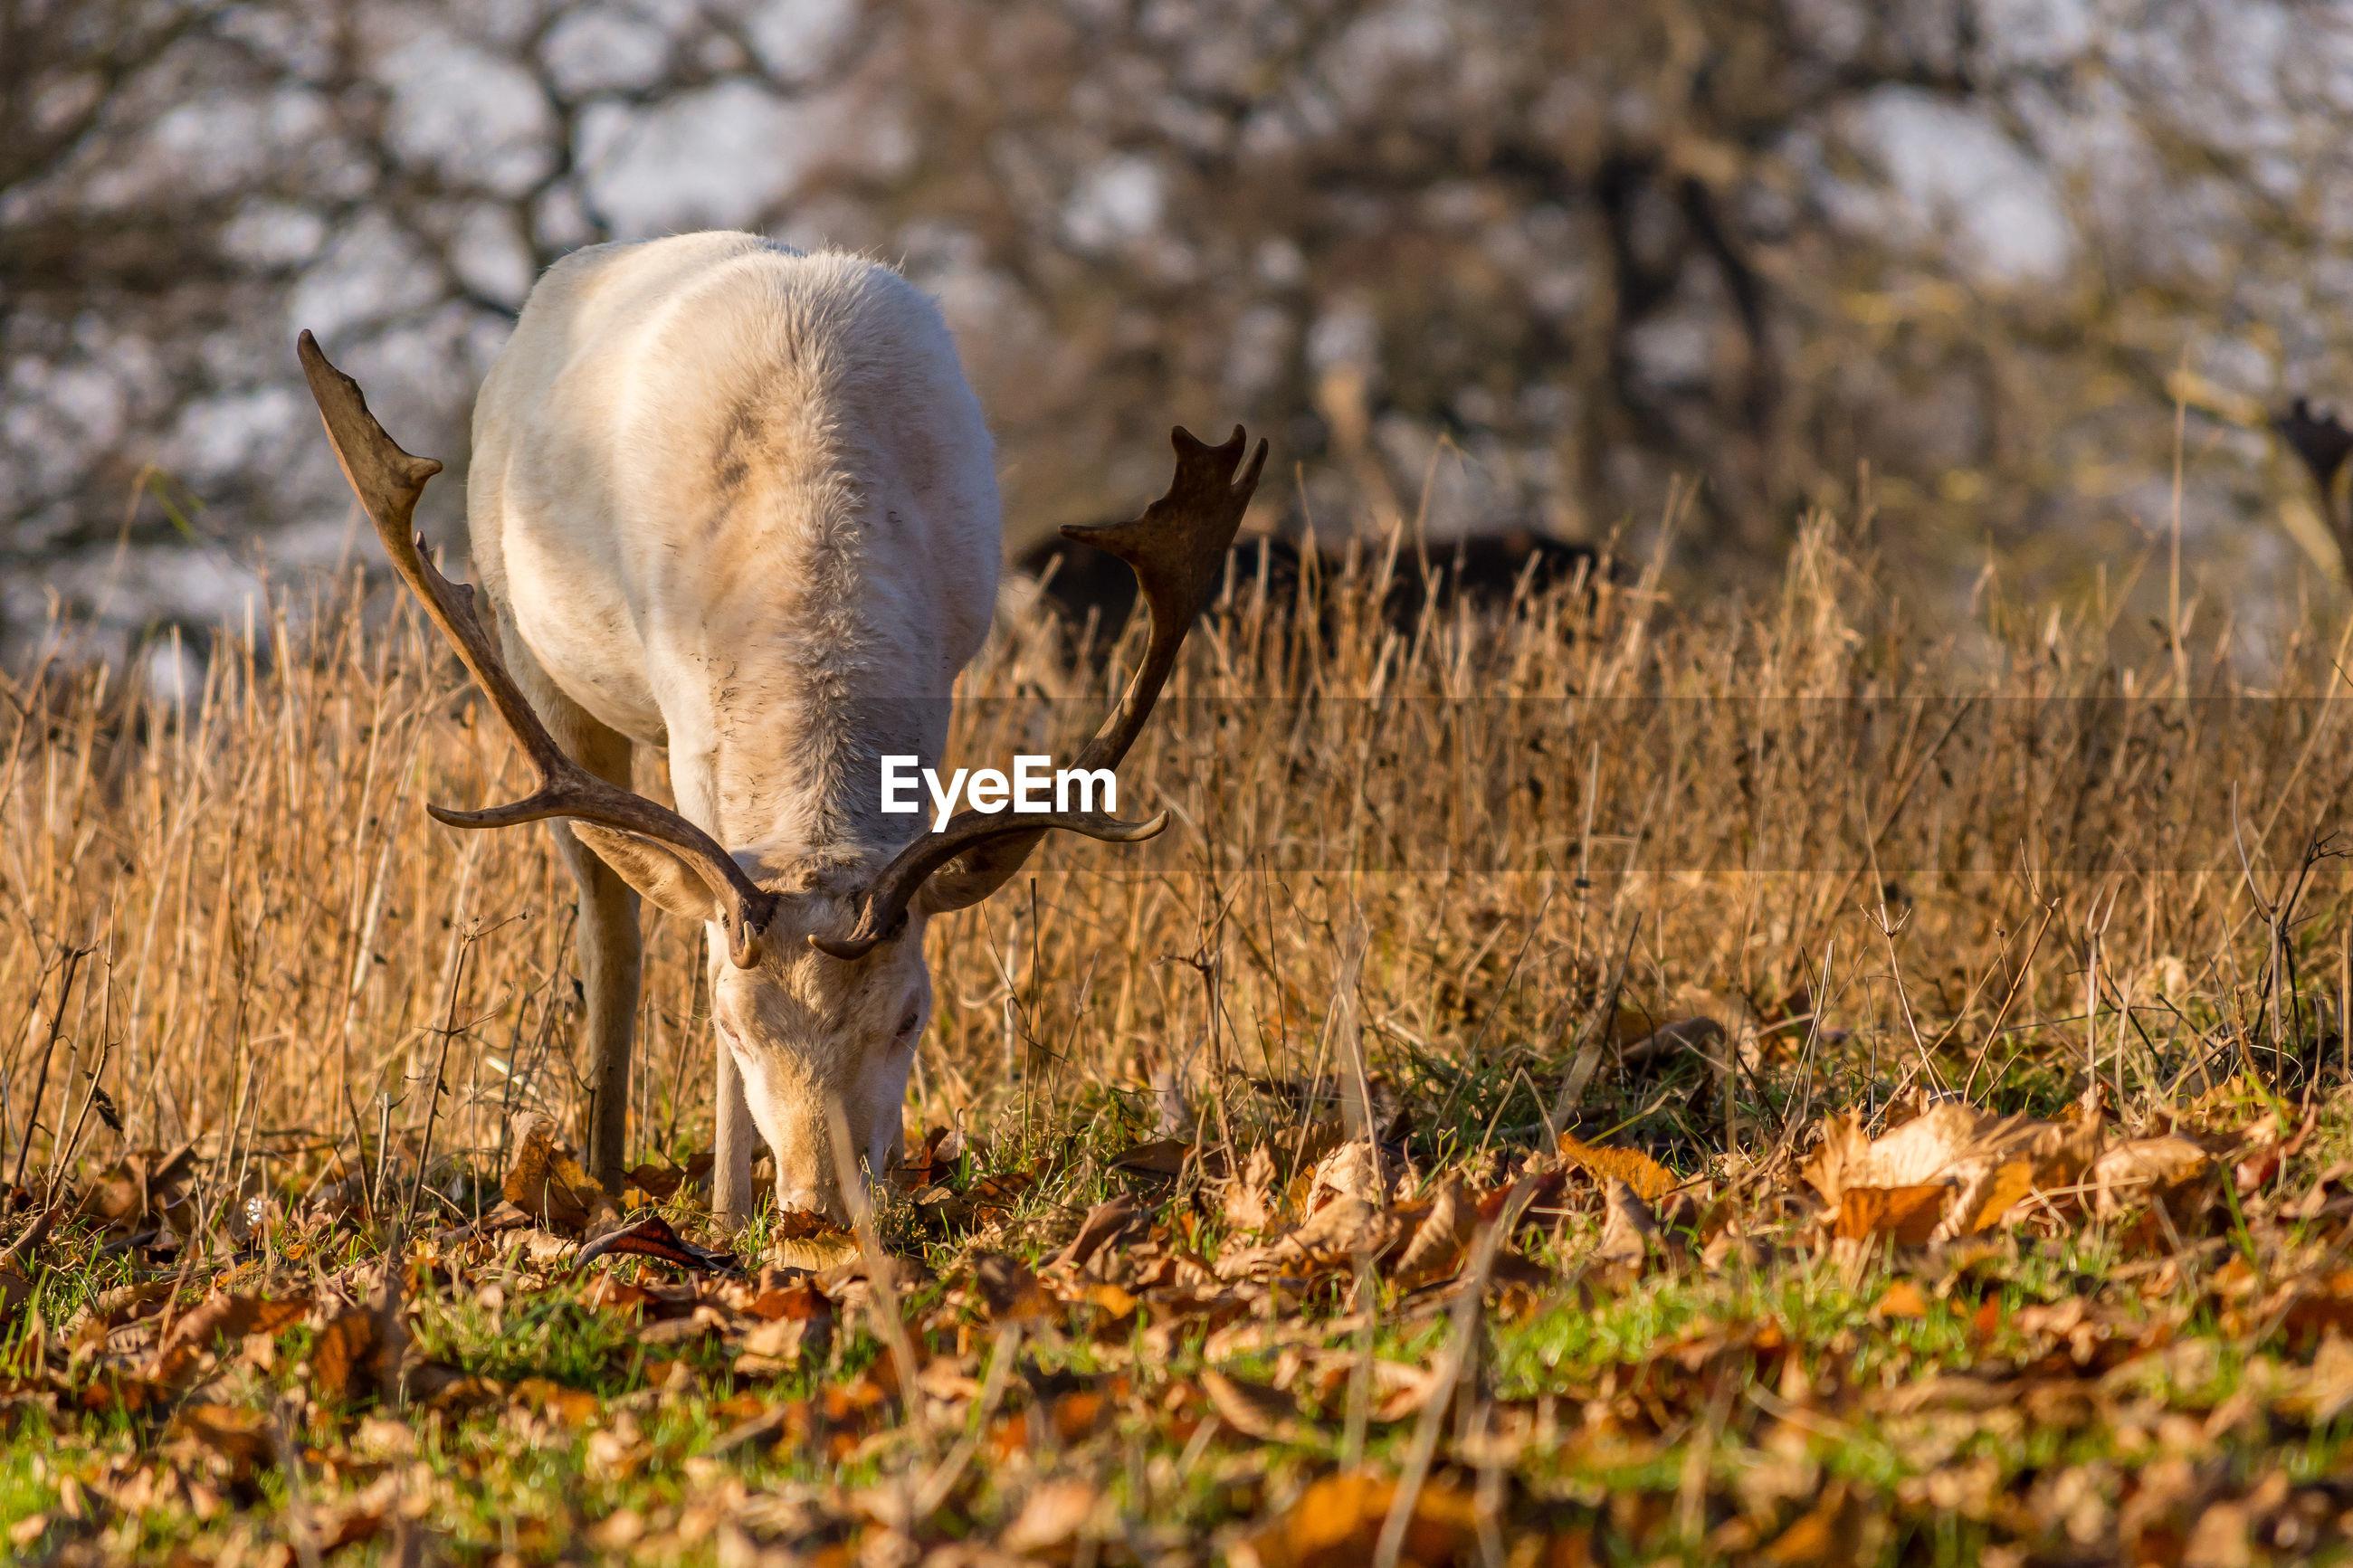 Deer grazing on field